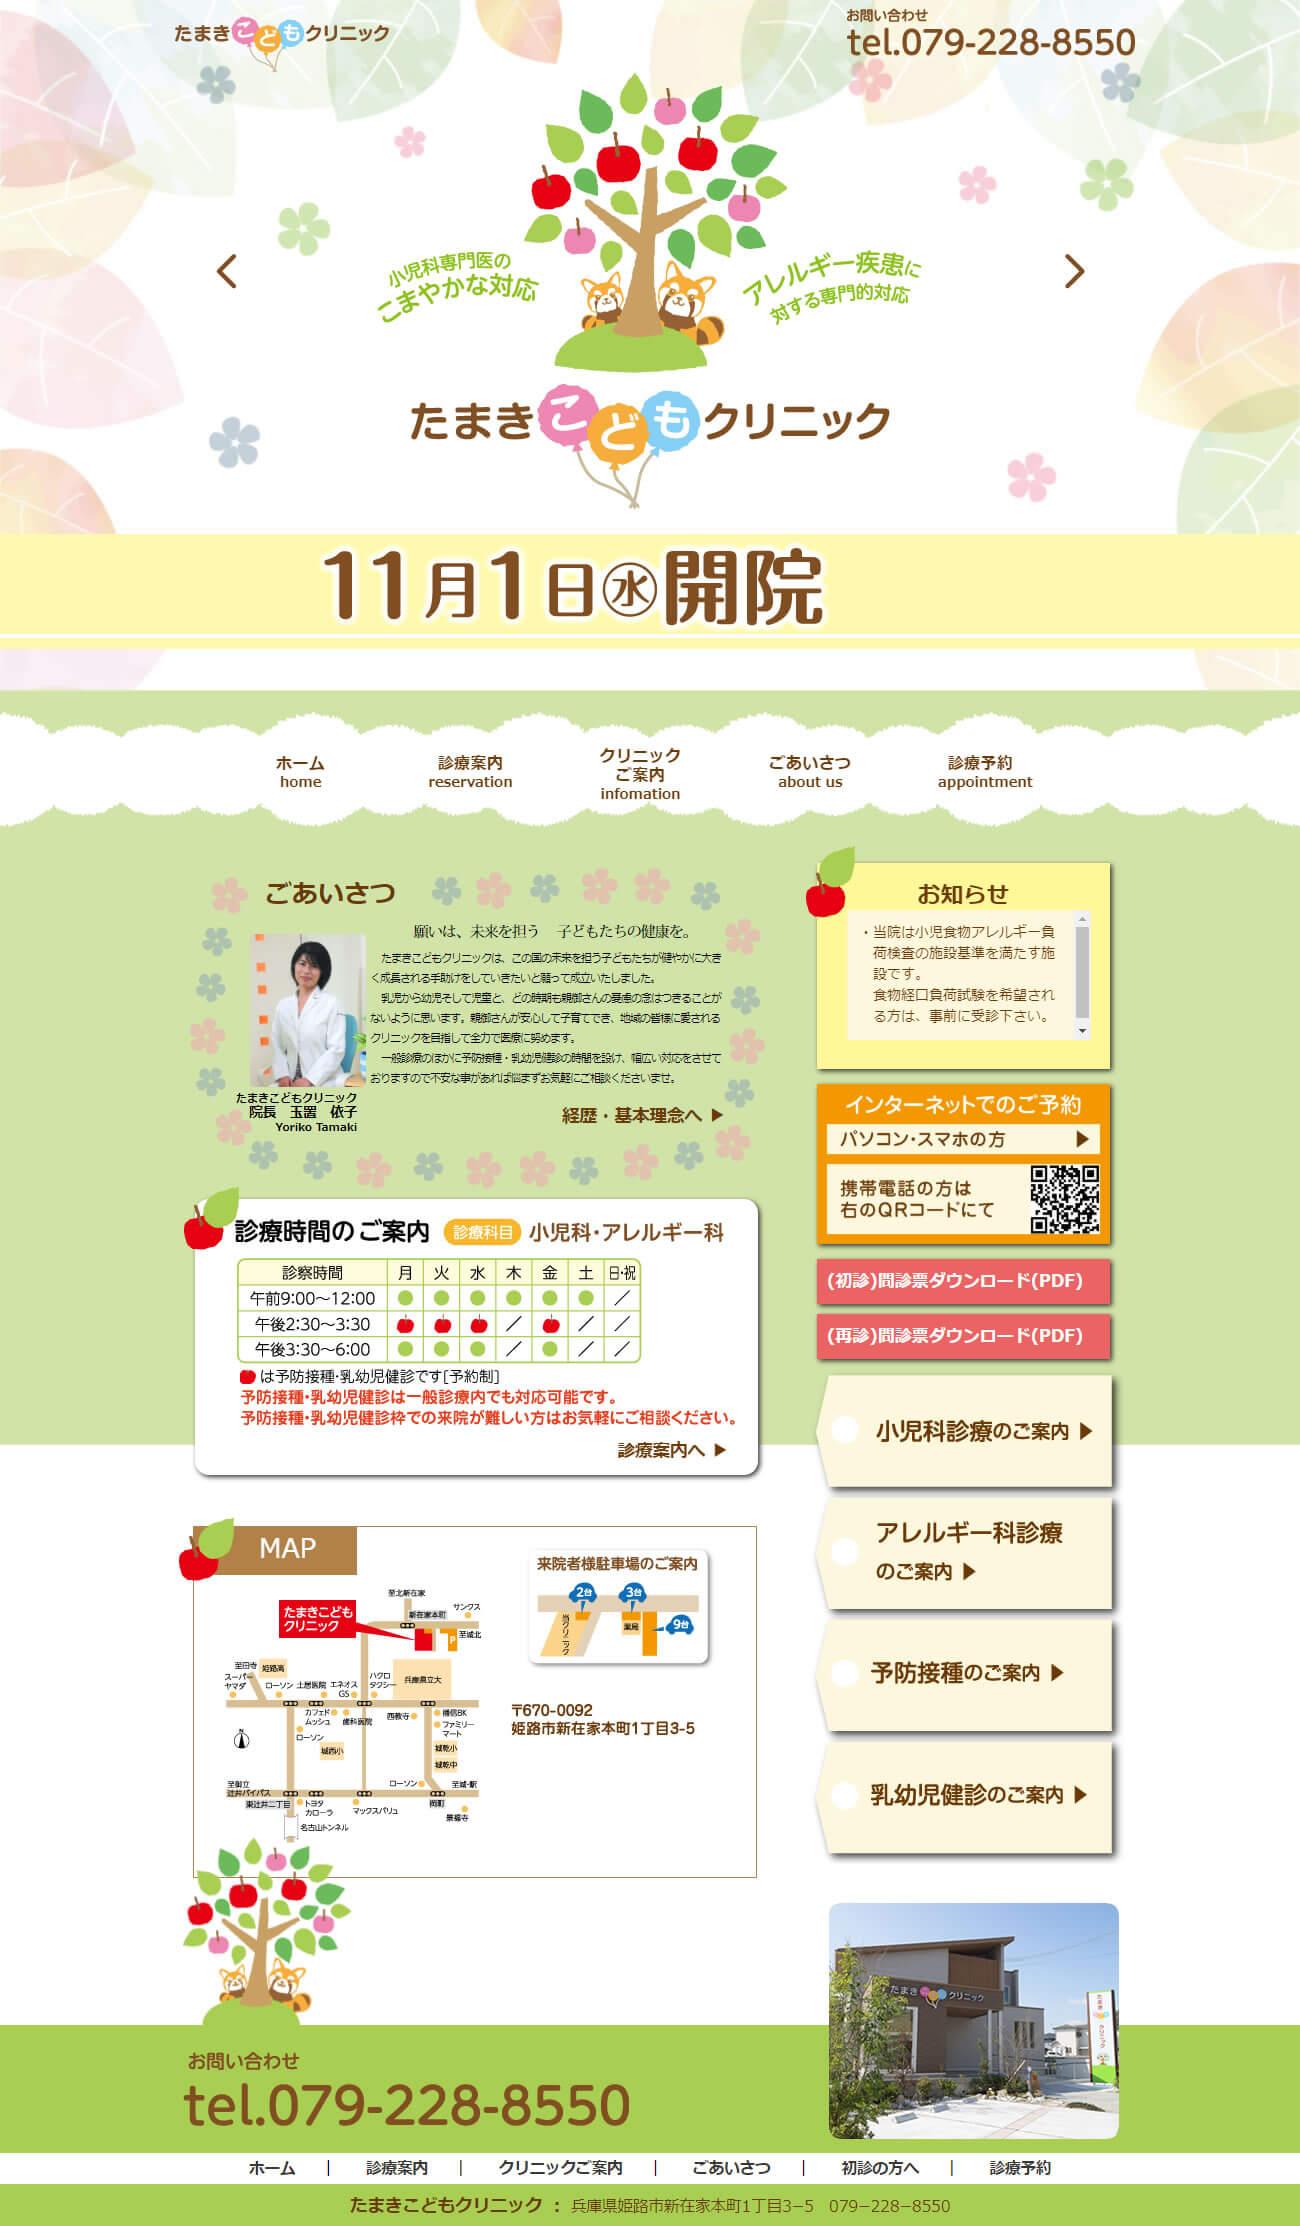 姫路市 たまきこどもクリニック様 ホームページ制作1